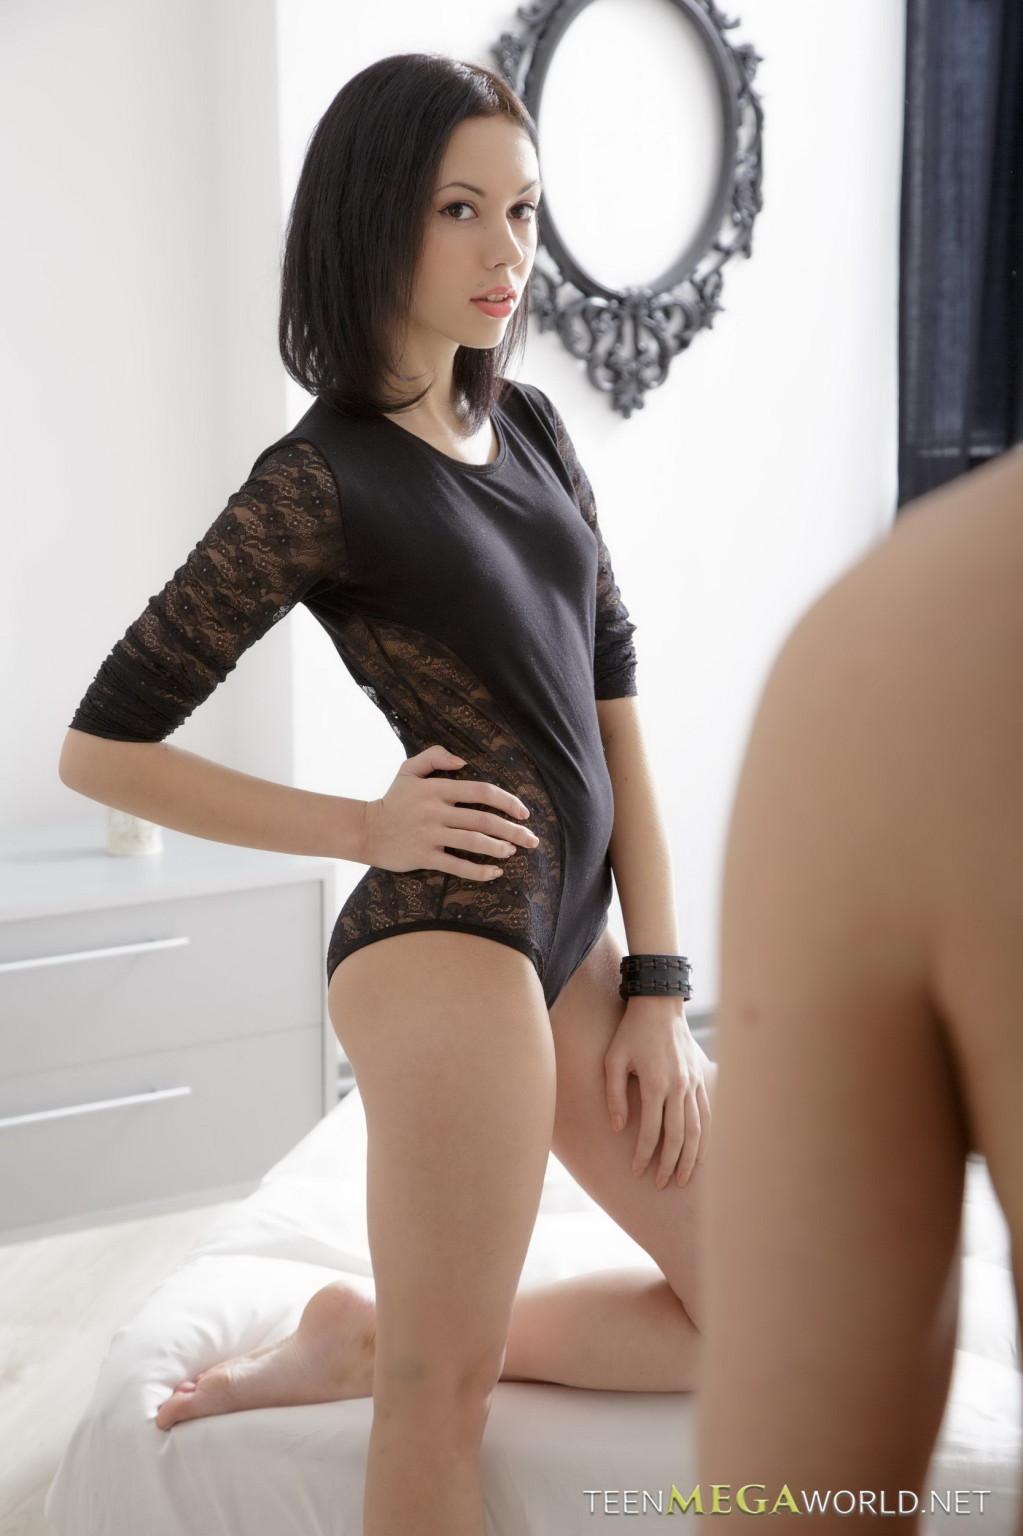 deutsche junge porno